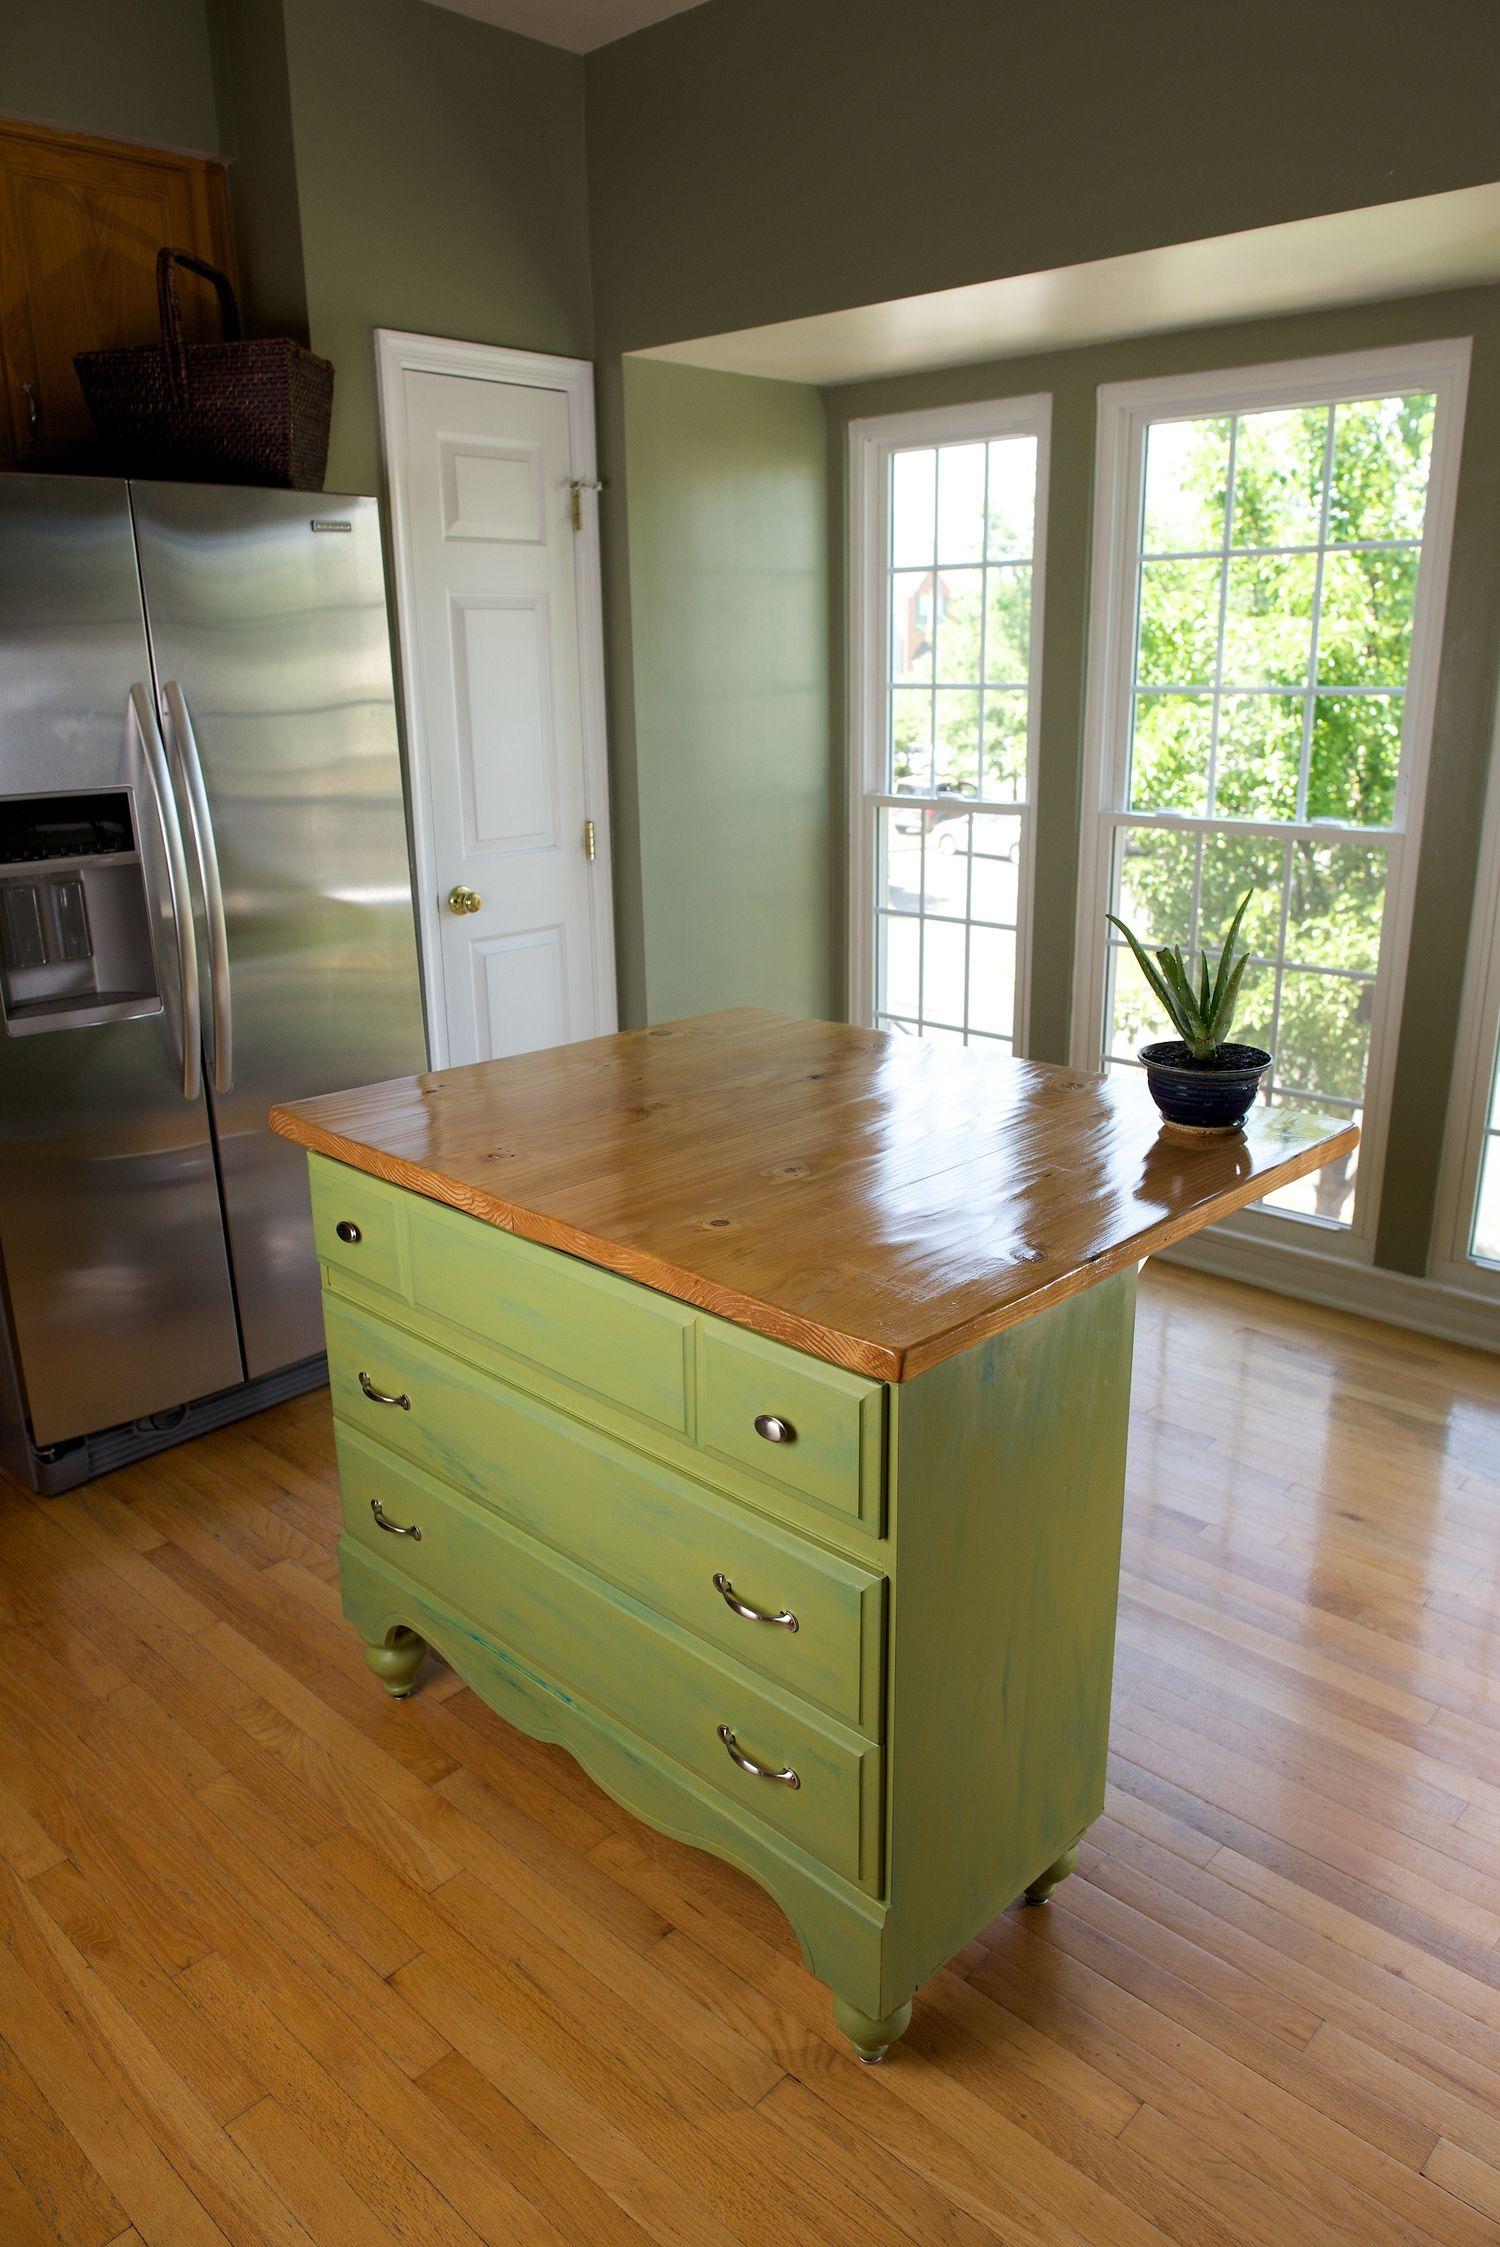 Reinventingthehome Instagram Photos And Videos Dresser Kitchen Island Furniture Shabby Chic Kitchen